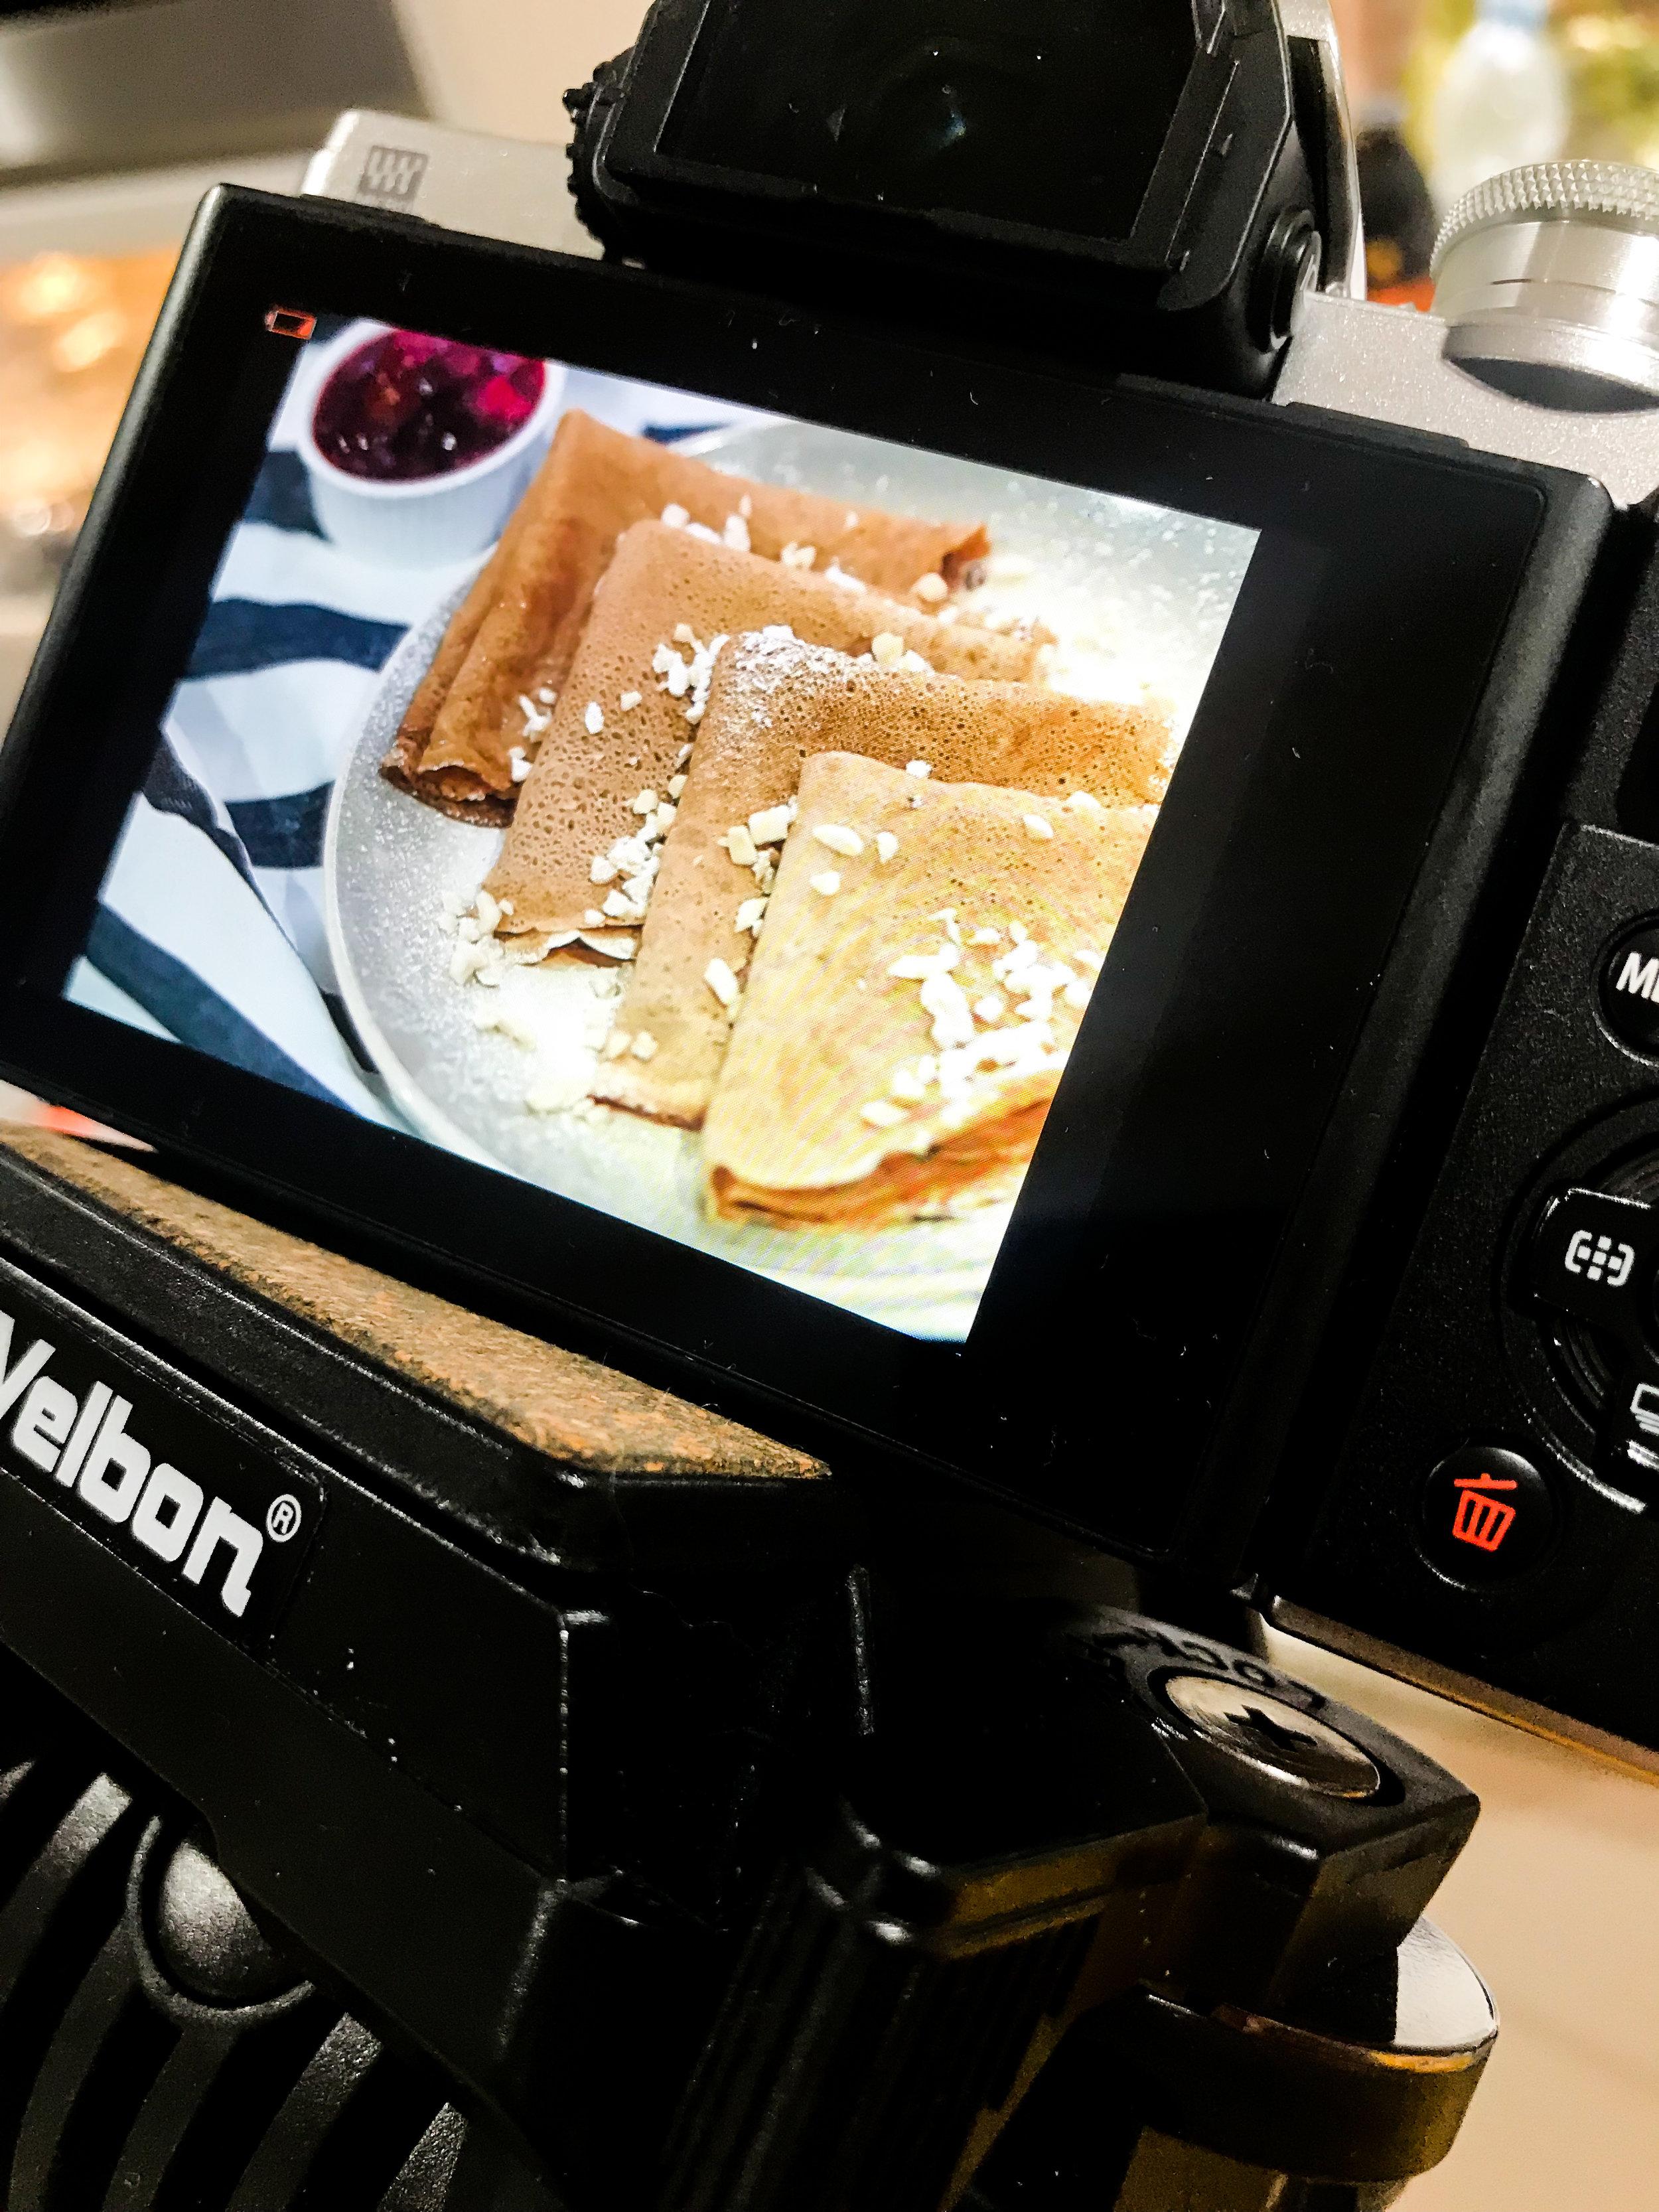 Capturing Delicious Food